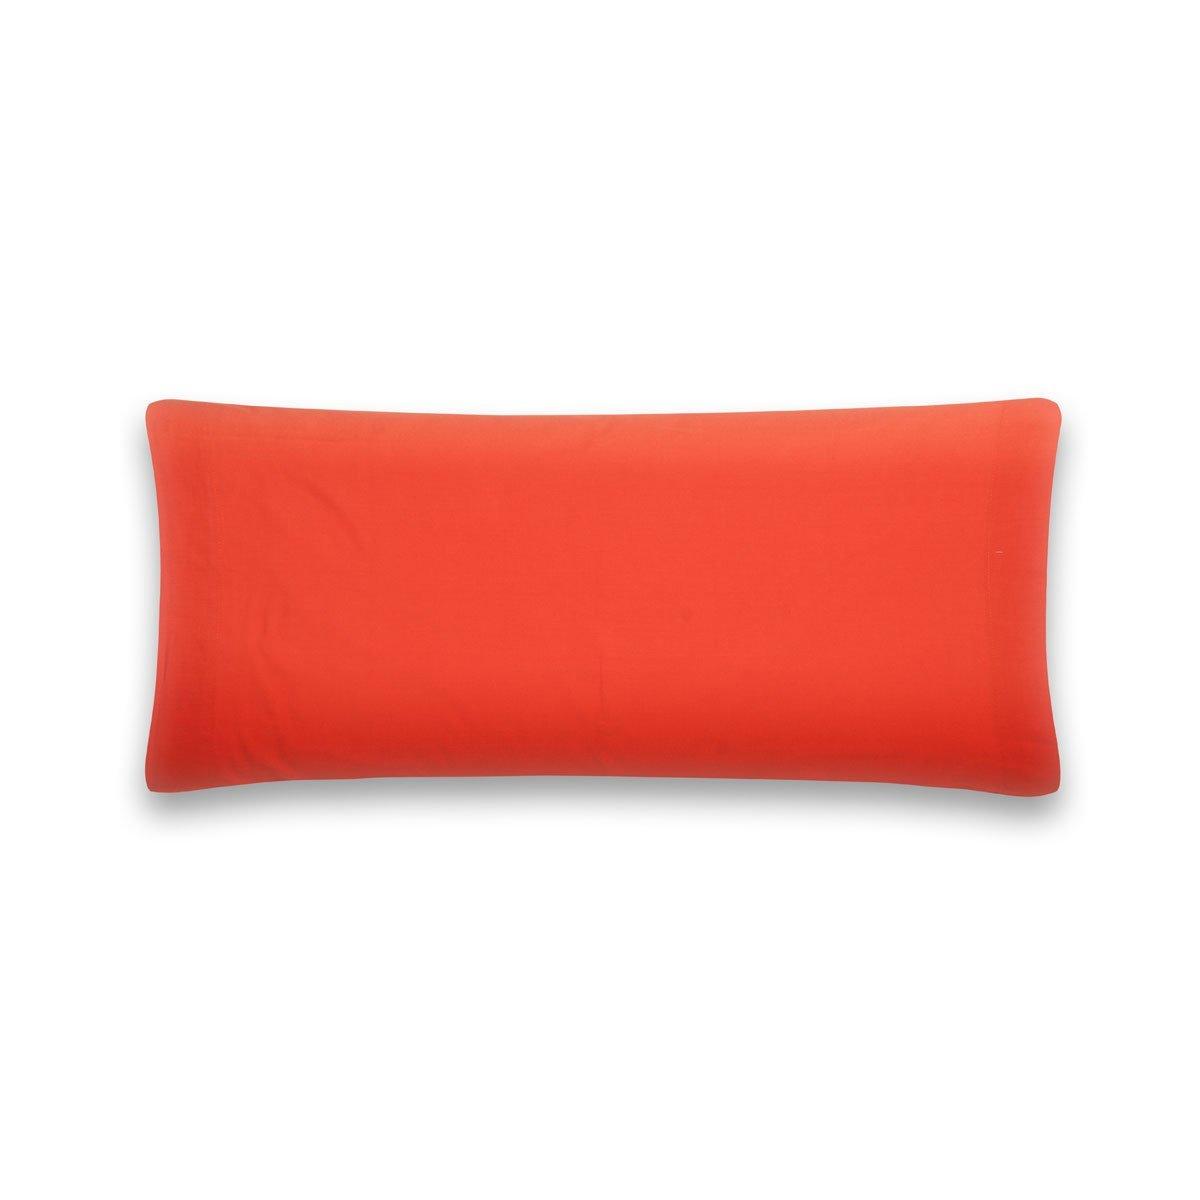 Sancarlos - Funda de almohada para cama, 100% Algodón percal, Color naranja, Cama de 135 cm: Amazon.es: Hogar